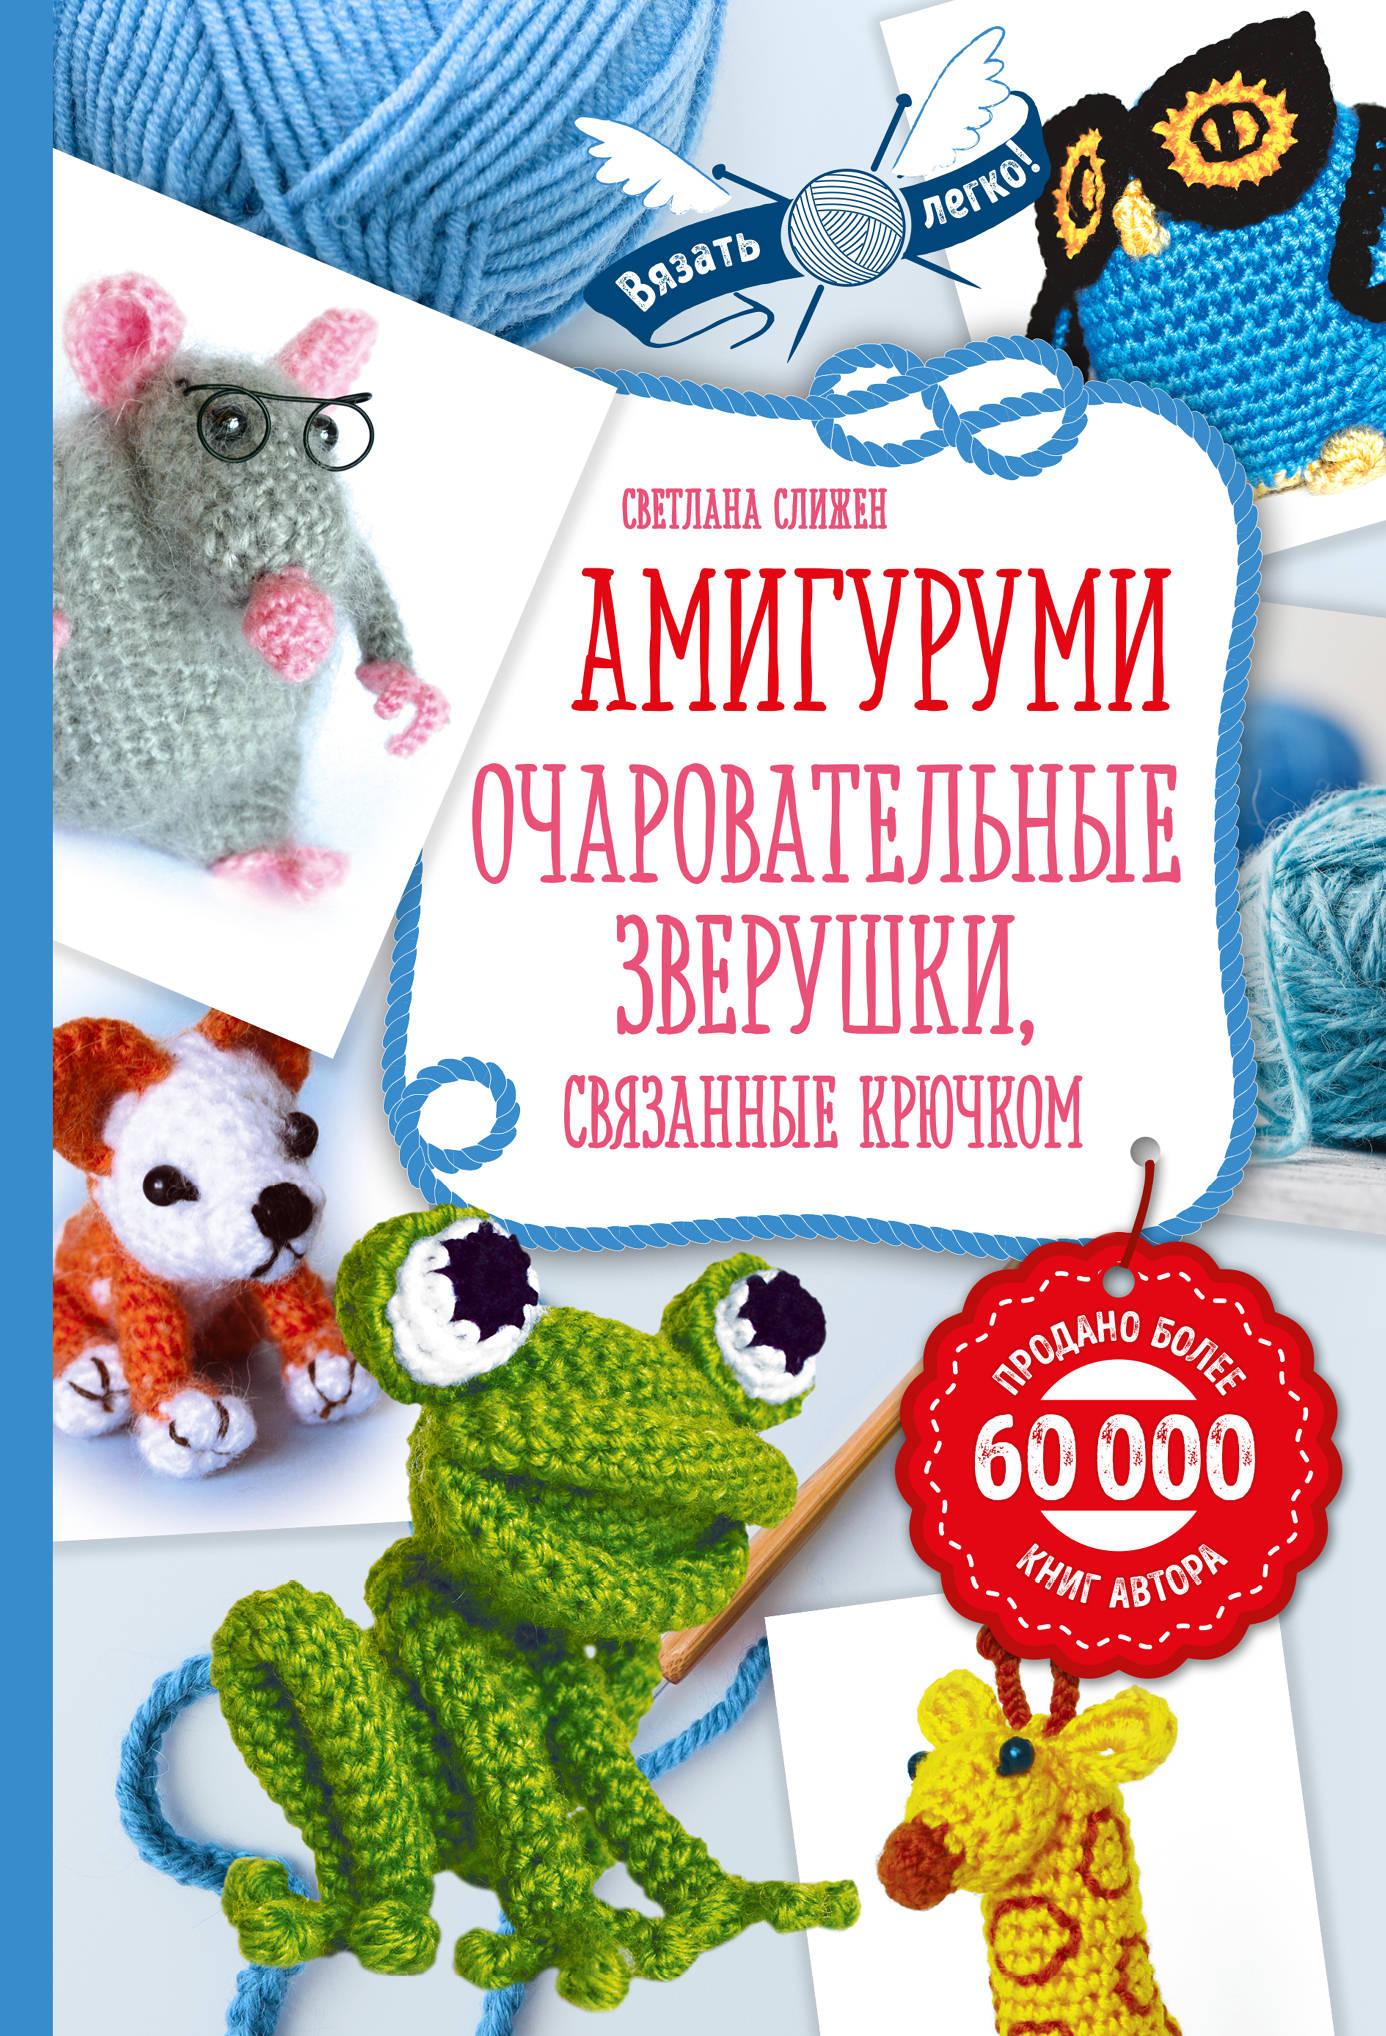 Светлана Слижен Амигуруми. Очаровательные зверушки, связанные крючком цены онлайн